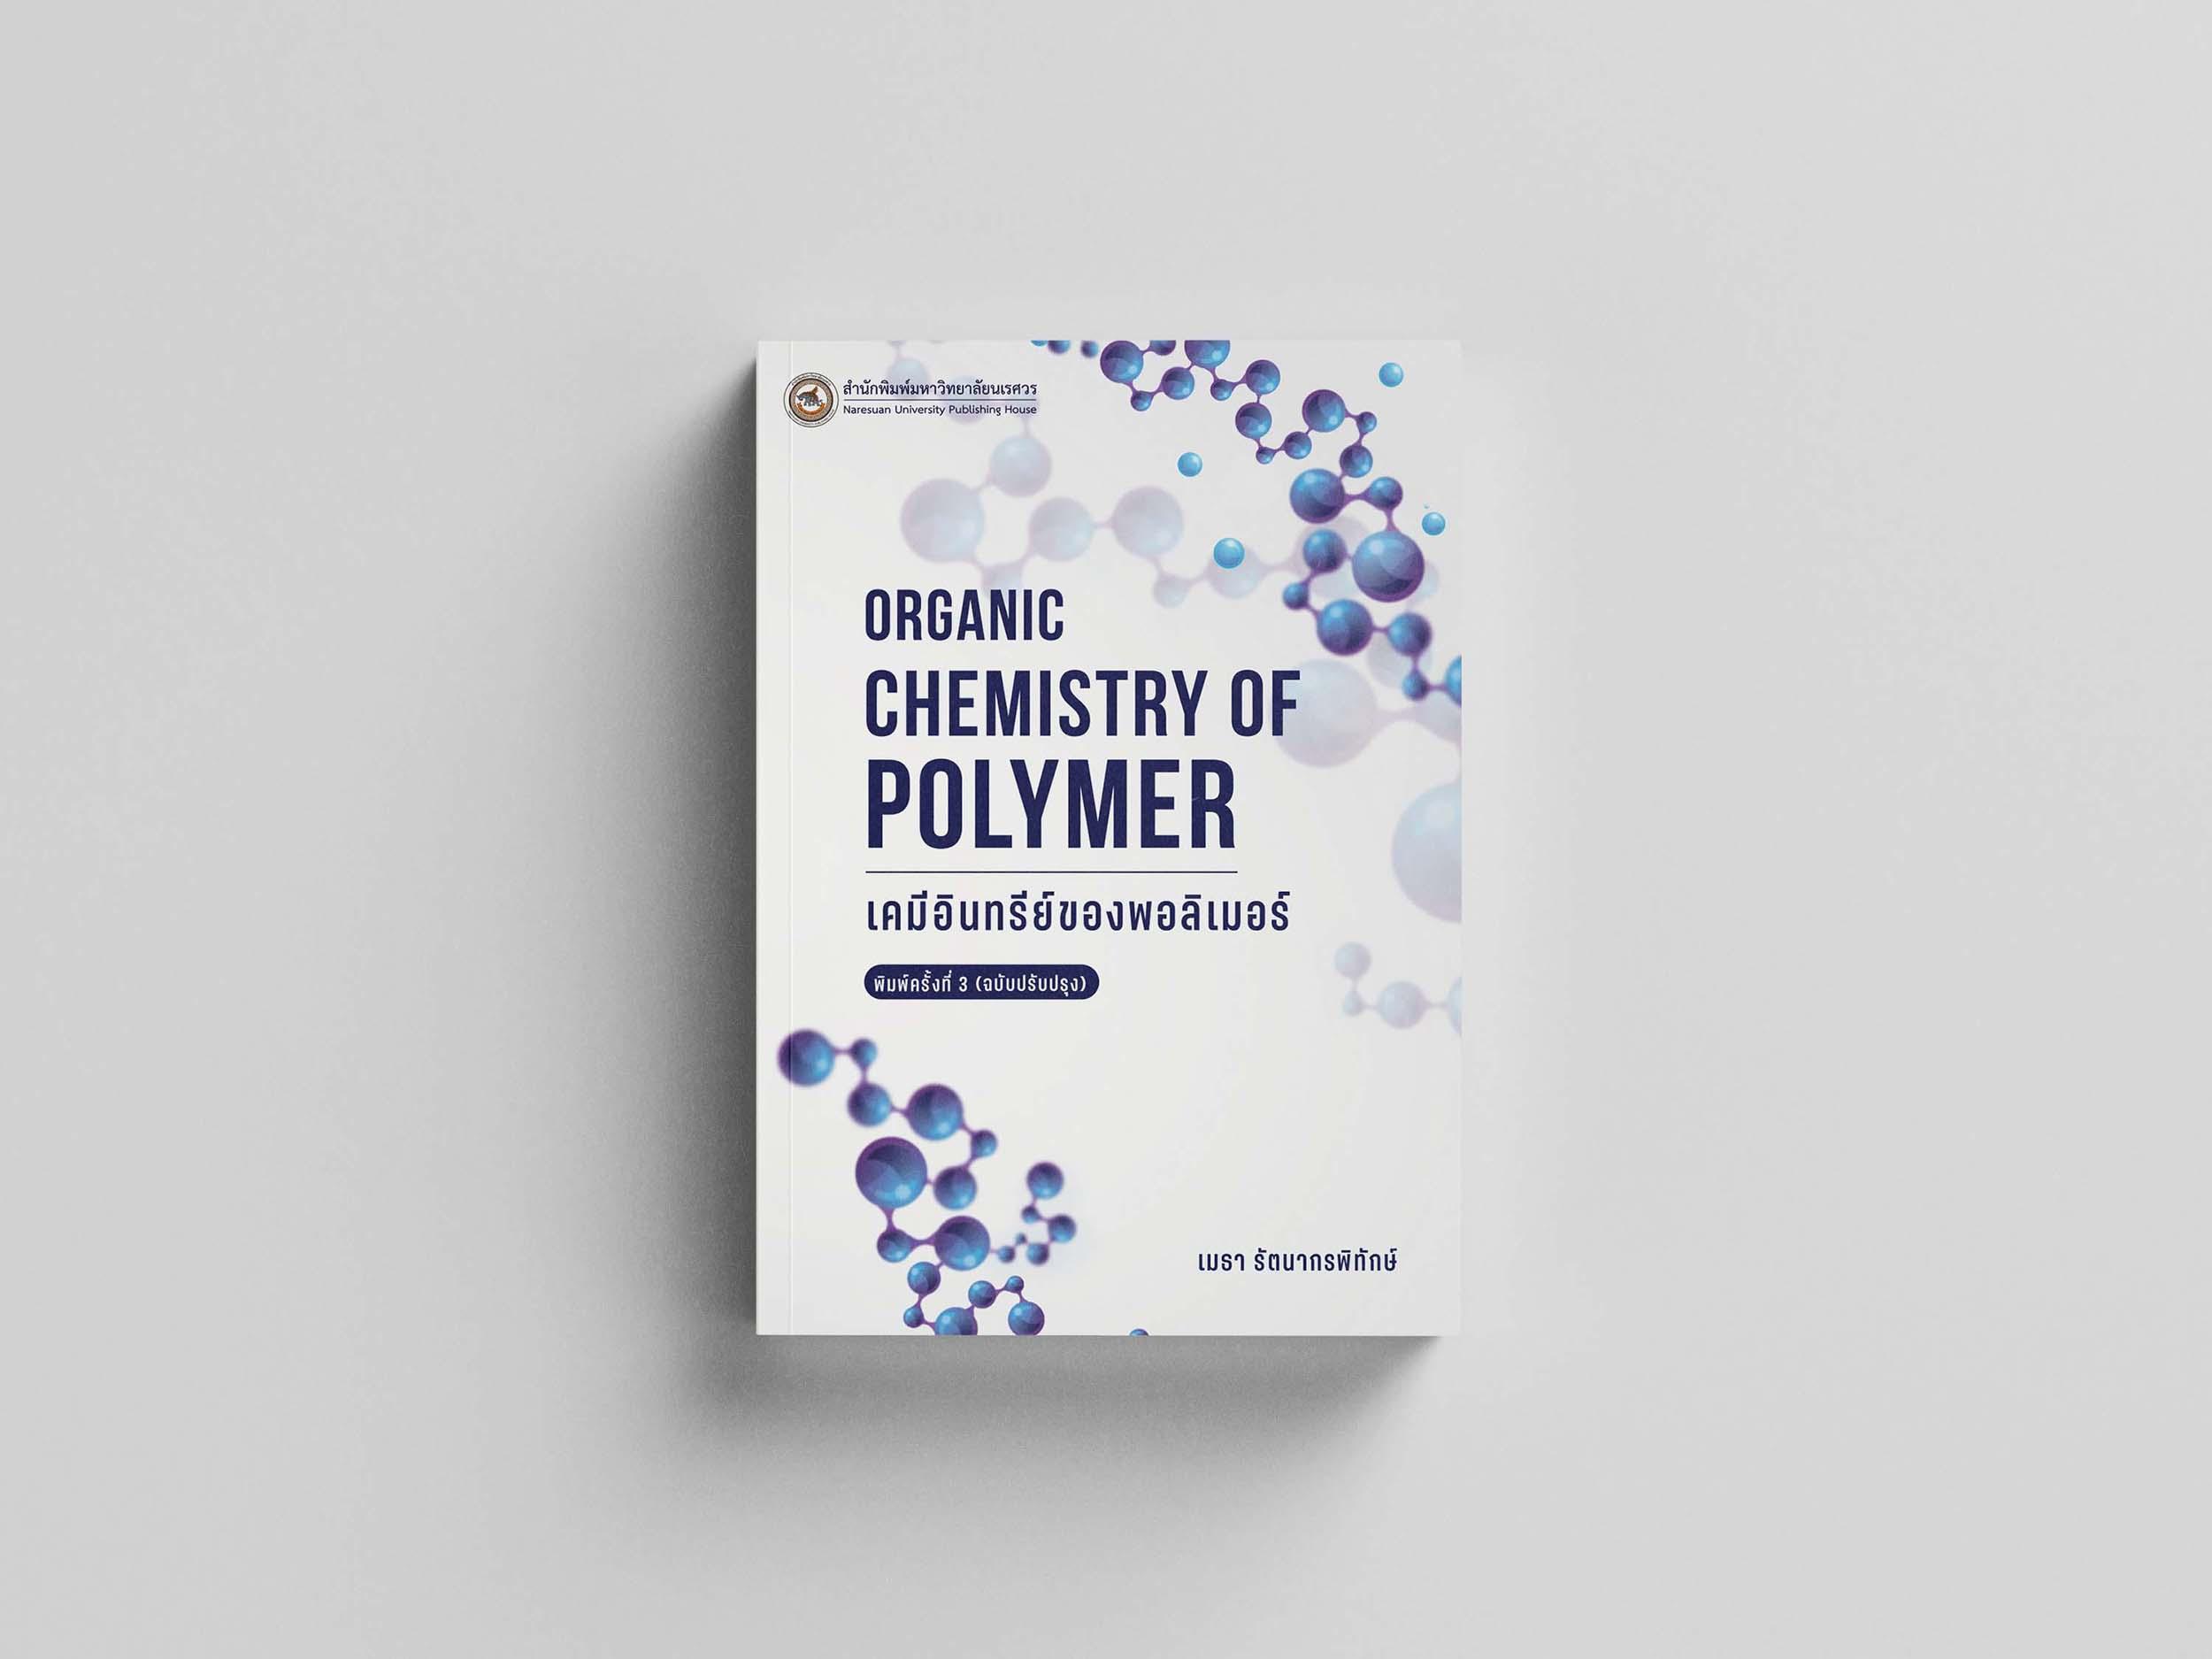 เคมีอินทรีย์ของพอลิเมอร์